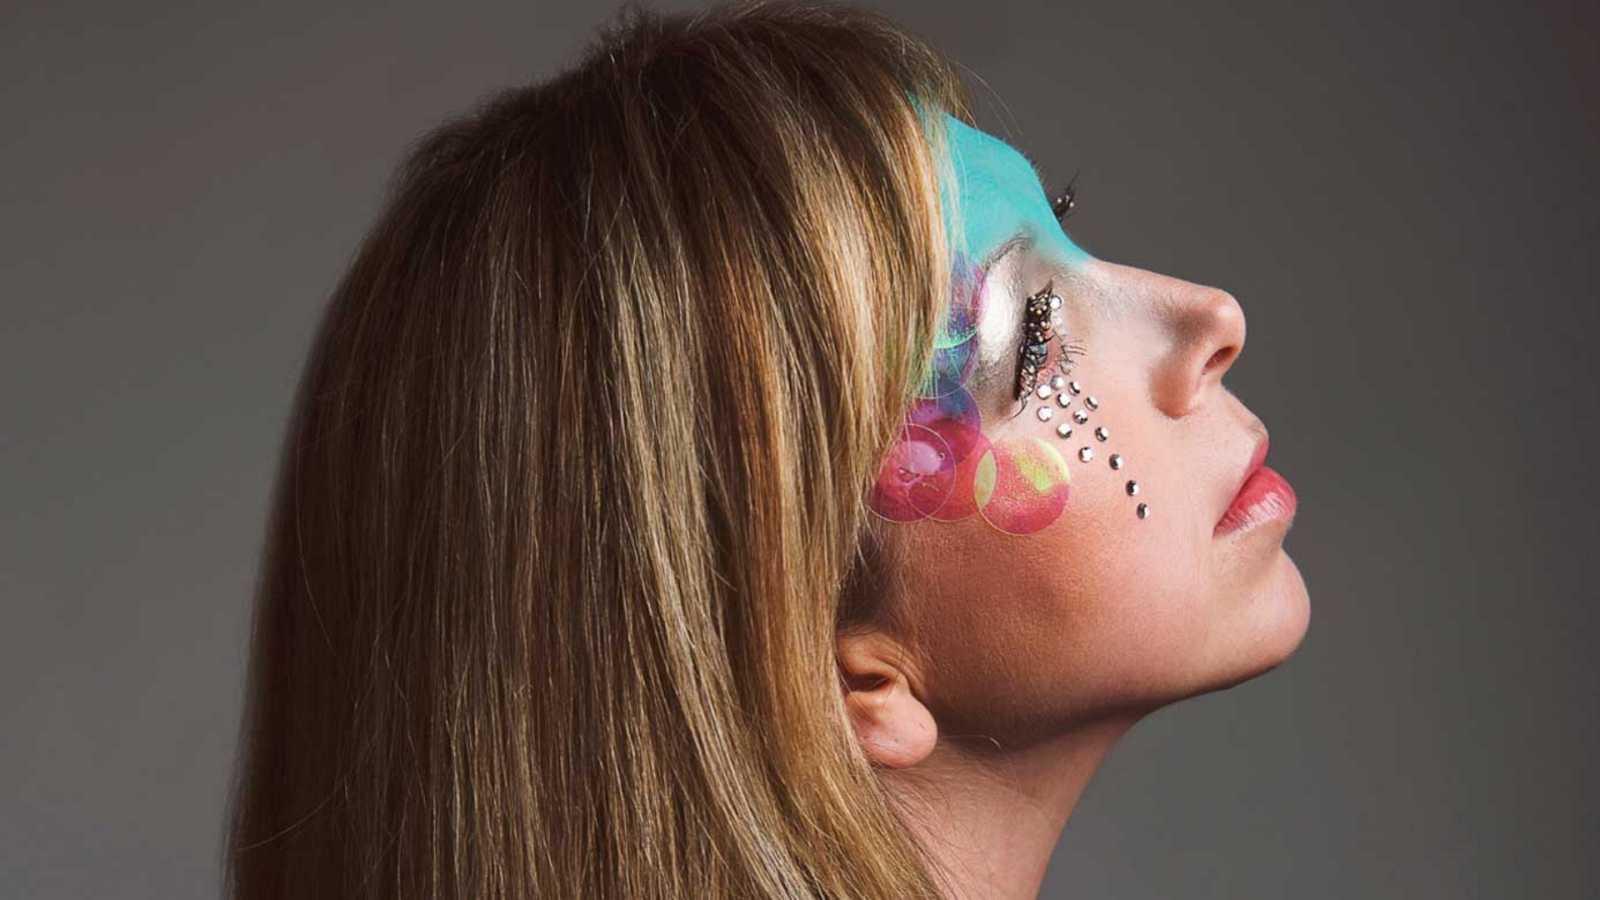 Fluido Rosa -  Artistas Comprometidos, GripFace y Las Naves de Valencia - 21/12/20 - escuchar ahora